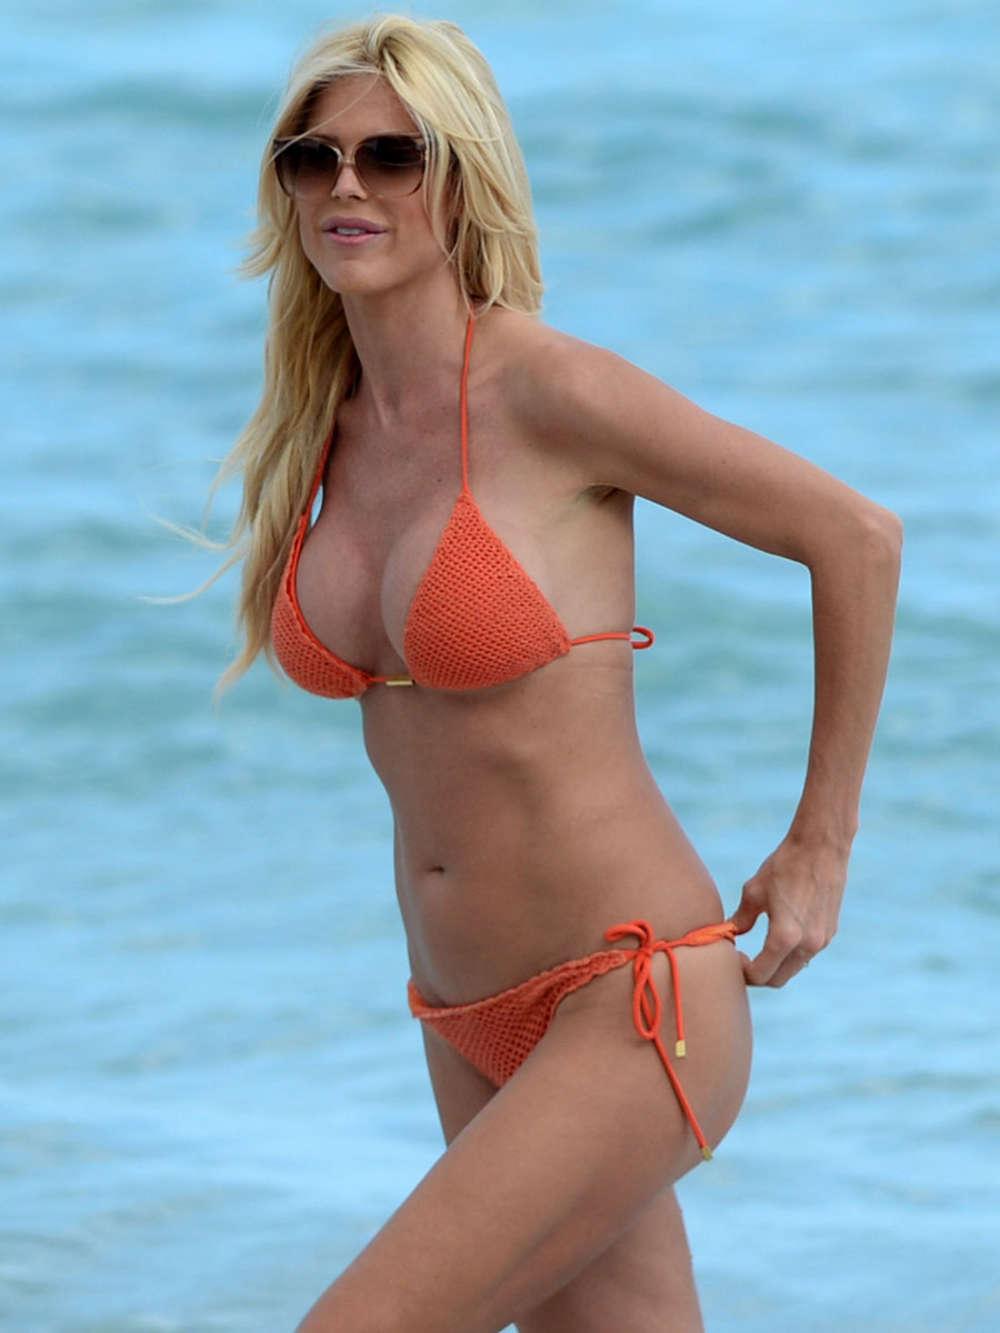 Victoria Silvstedt in Red Bikini in Miami Pic 28 of 35